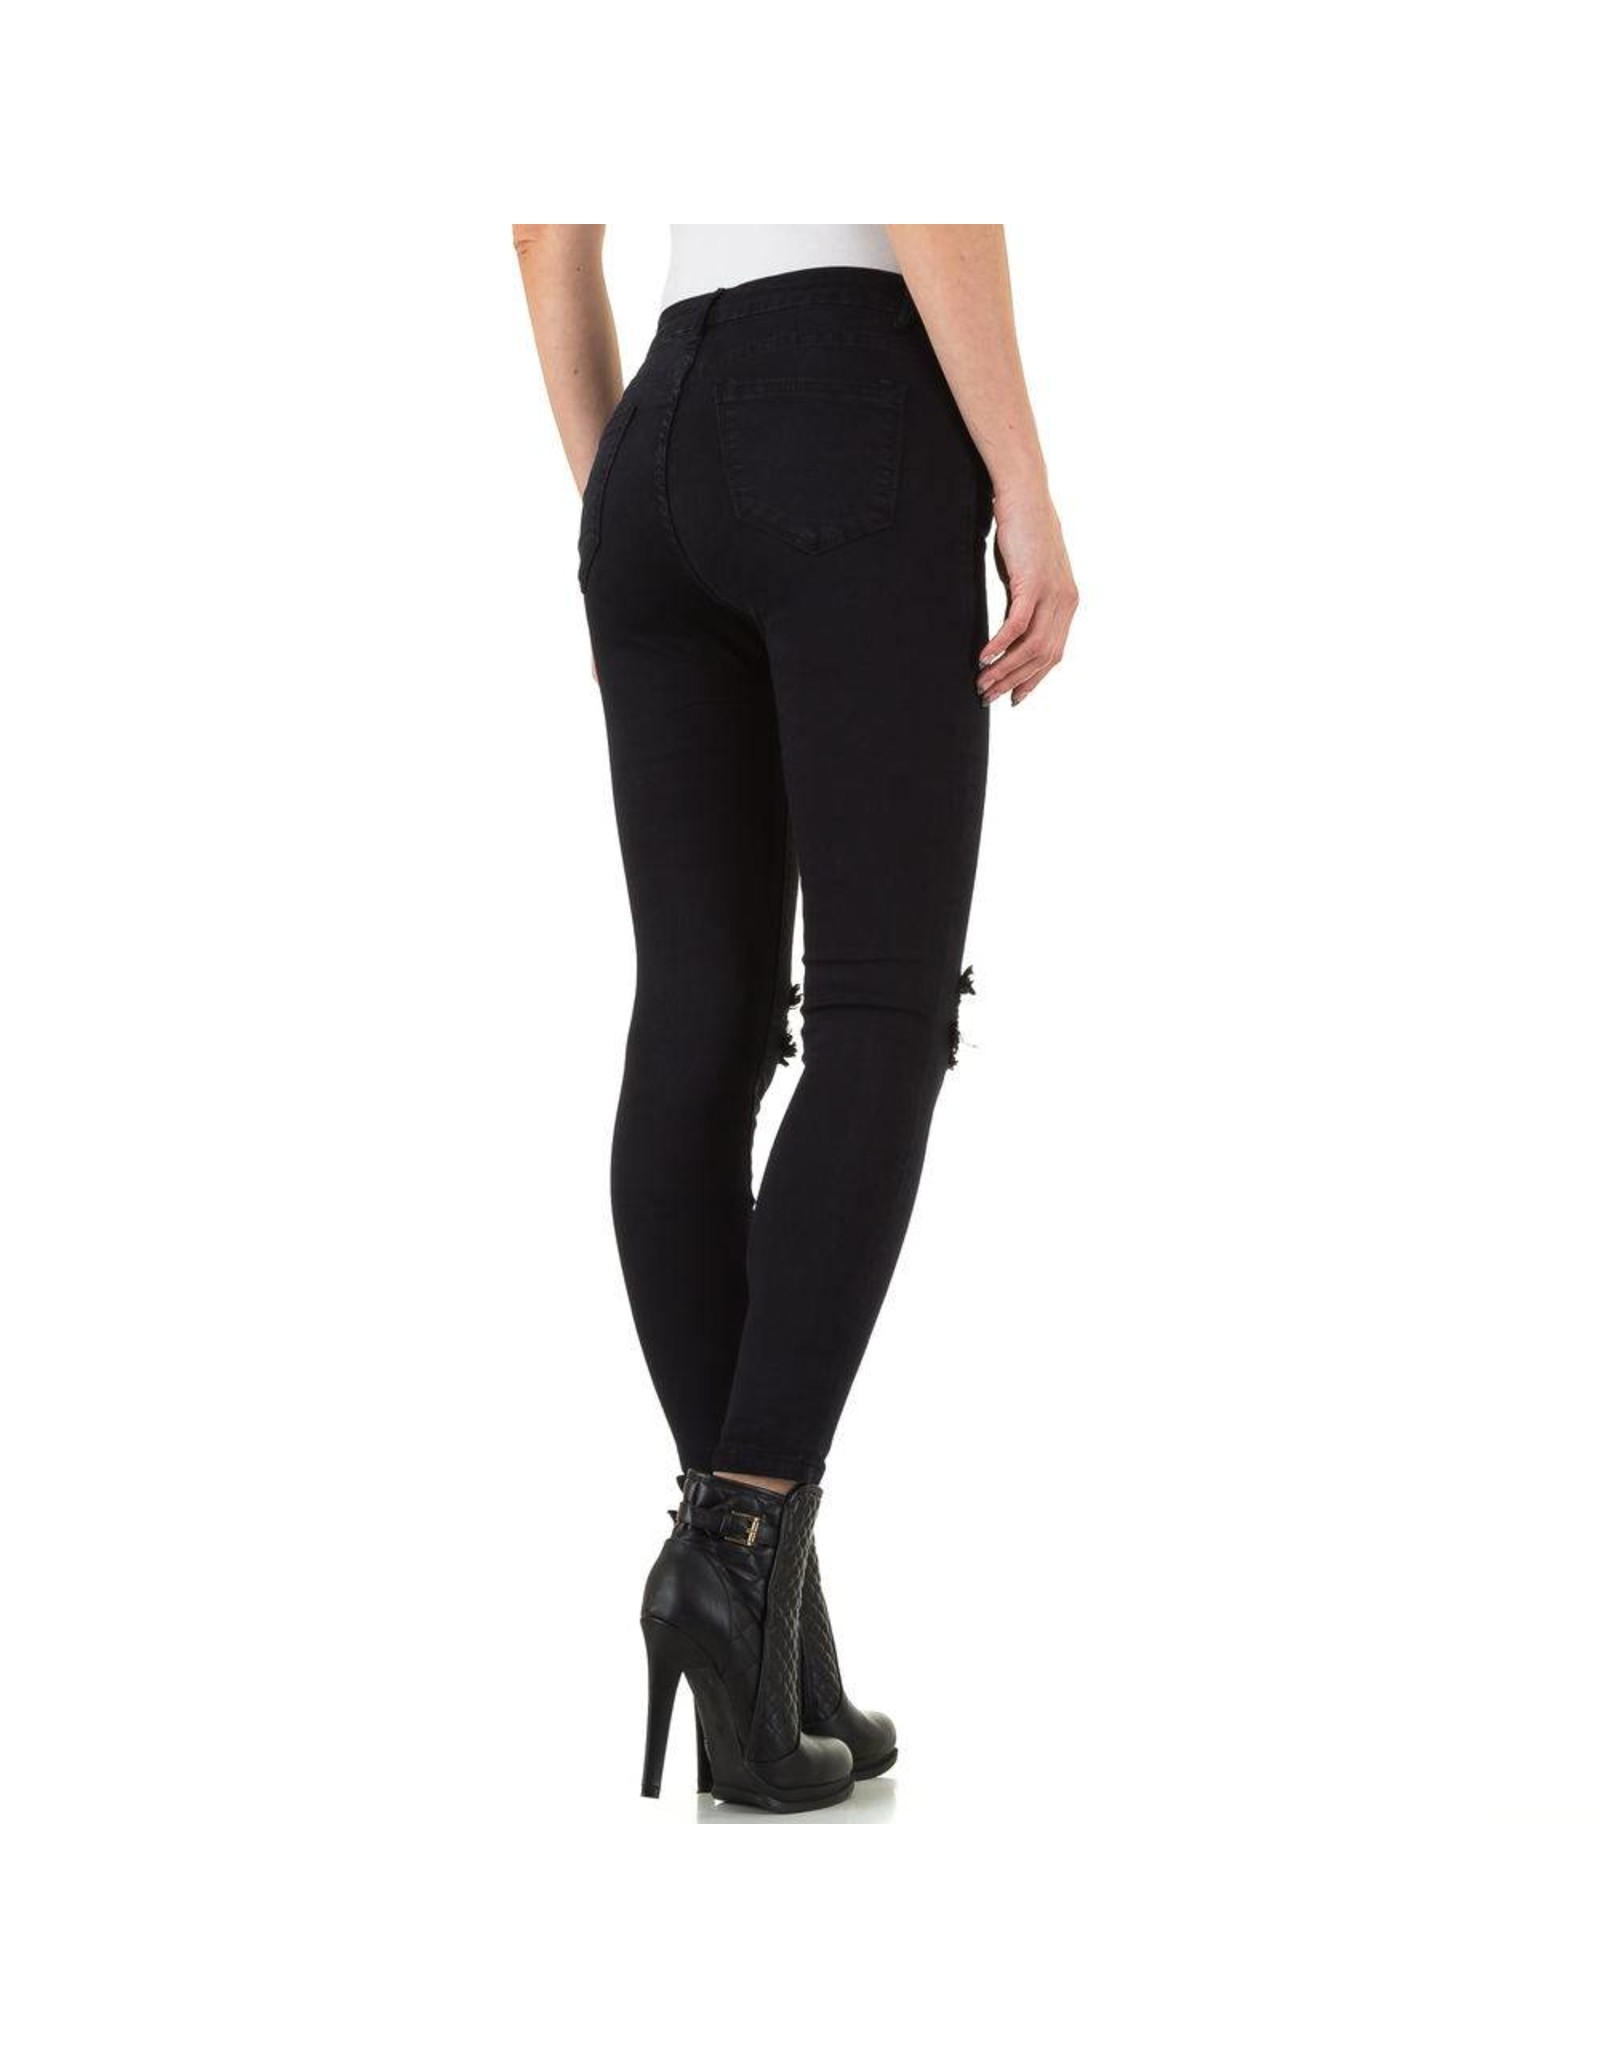 Damen Jeans von Laulia schwarz